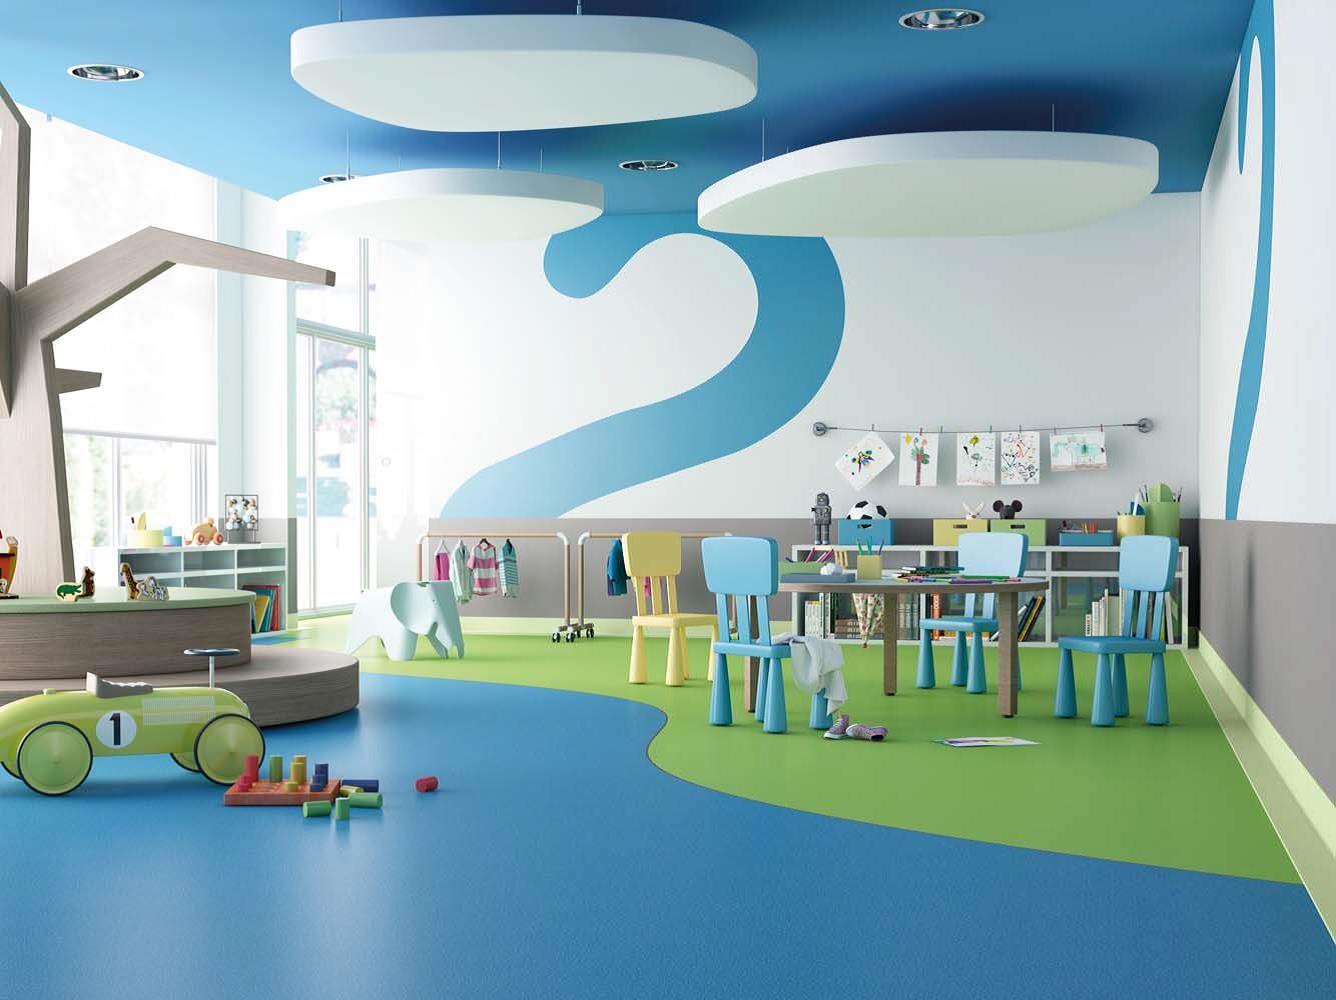 I requisiti particolari dei pavimenti scolastici